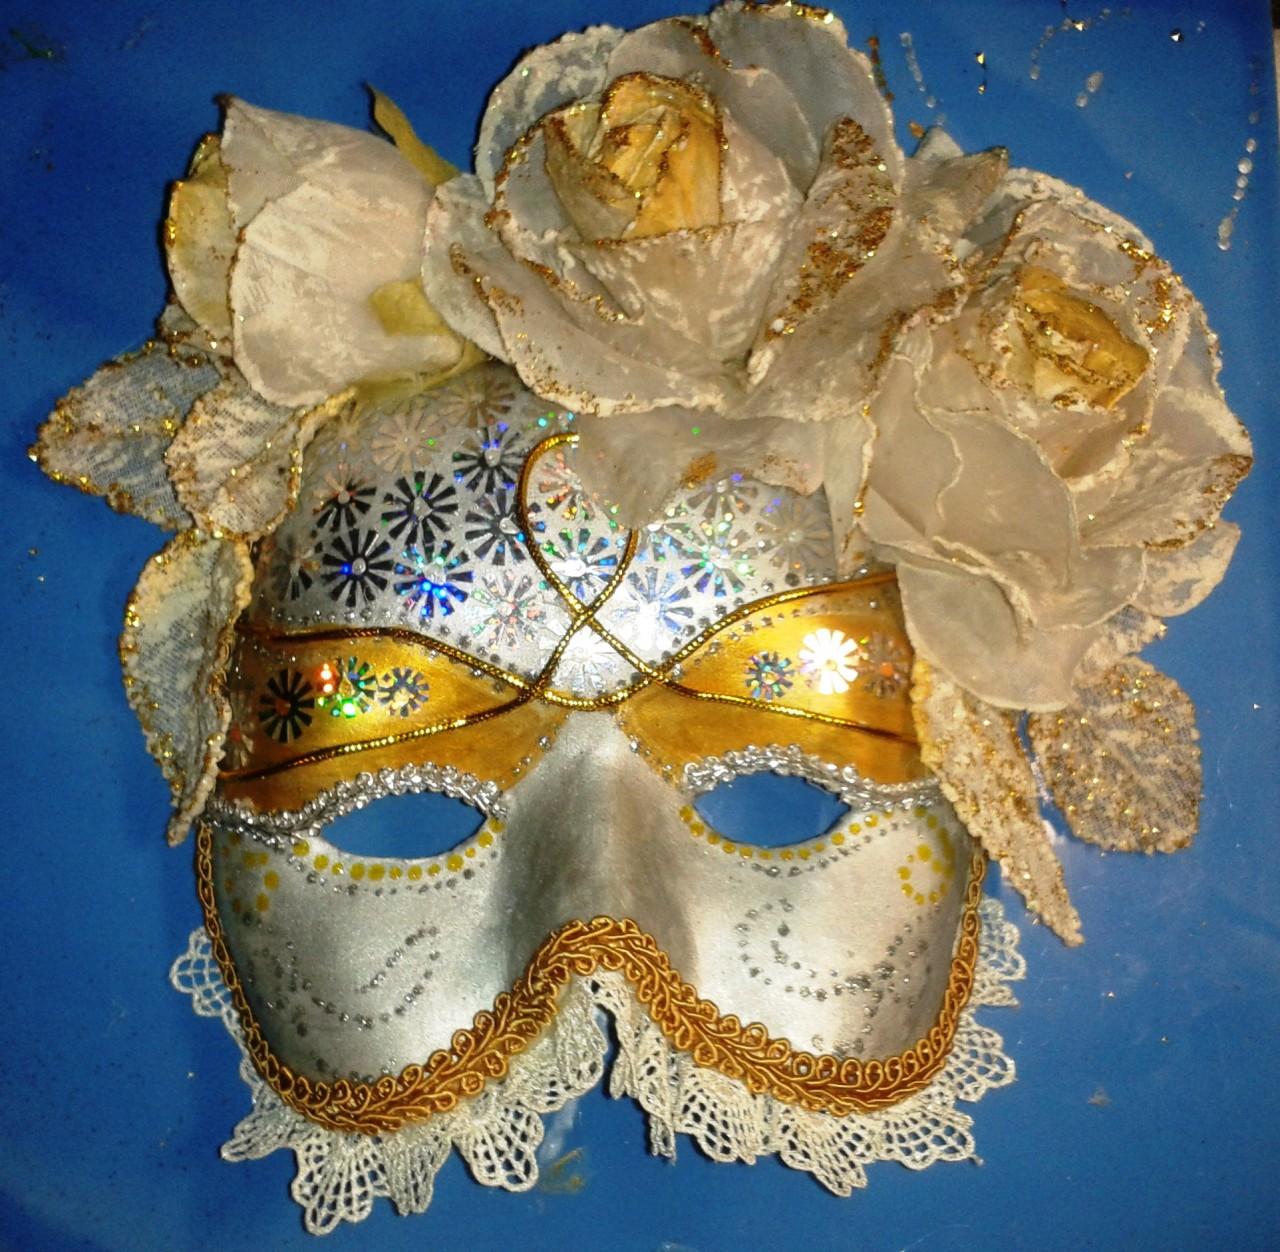 Венецианская маска. Вот такую маску я сделала под впечатлением увиденного.